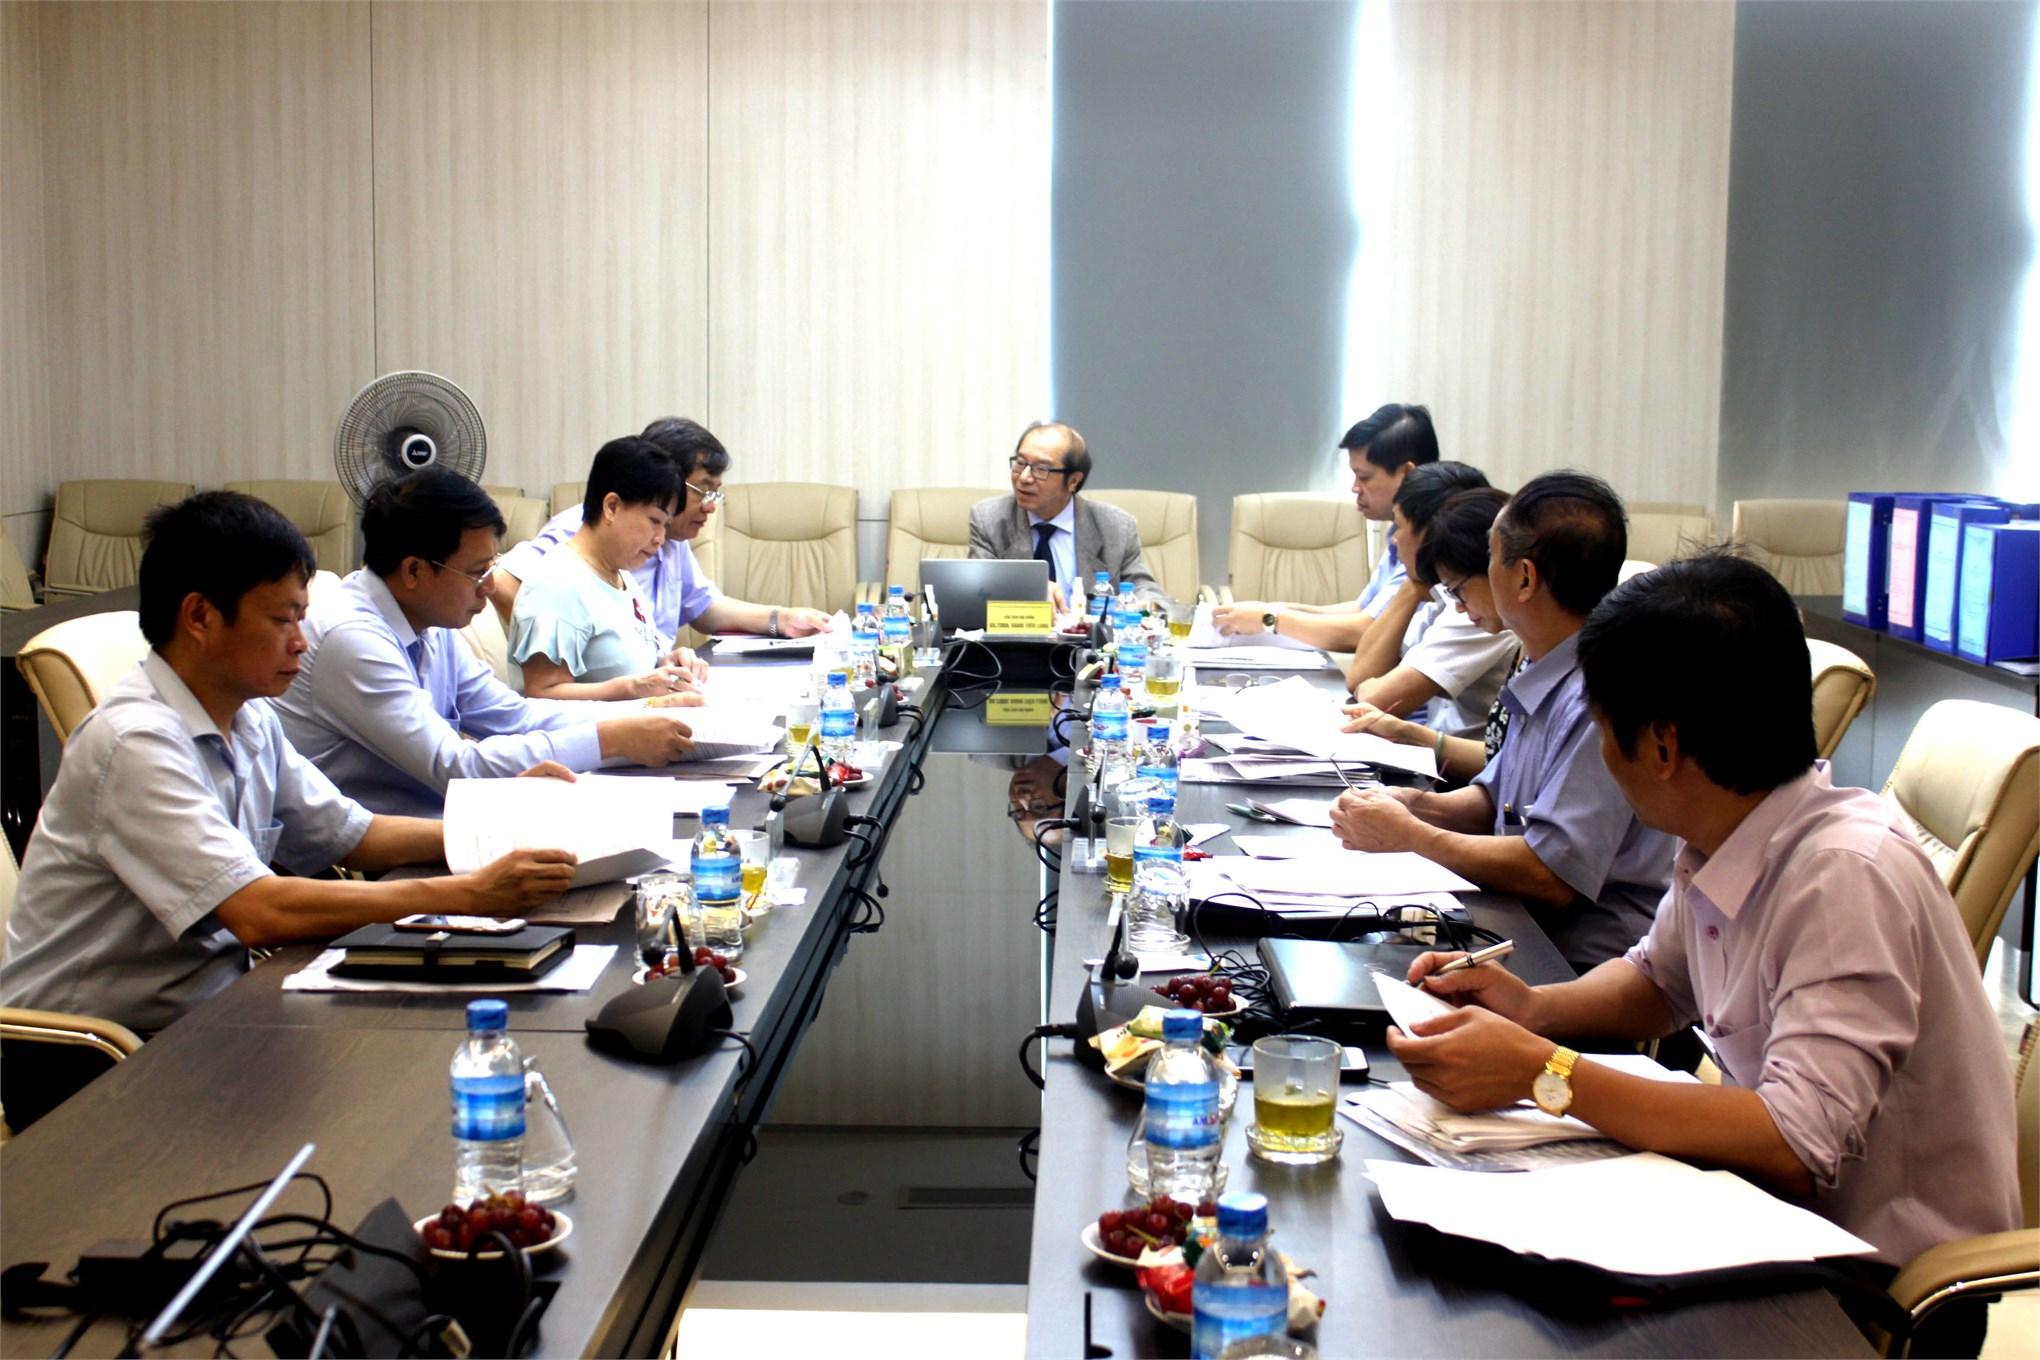 Hội đồng Giáo sư cơ sở Trường Đại học Công nghiệp Hà Nội họp xét đạt tiêu chuẩn chức danh Phó giáo sư năm 2020